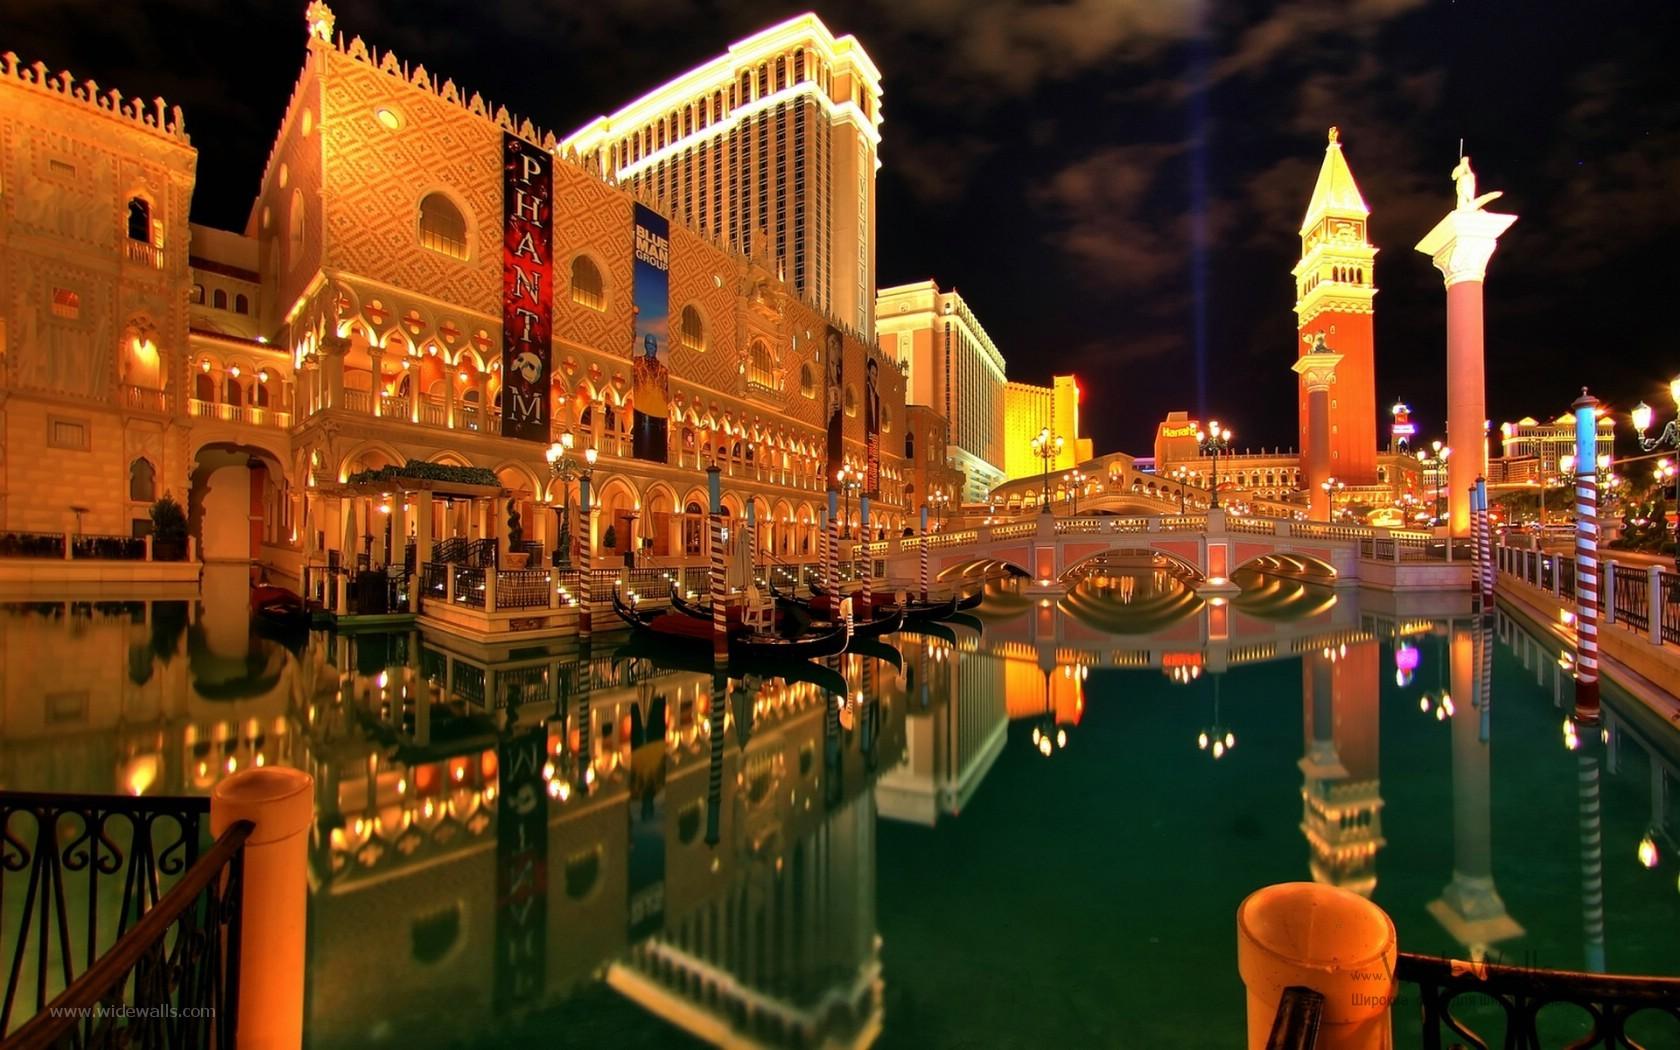 15451 скачать обои Пейзаж, Города, Ночь, Архитектура, Лас Вегас (Las Vegas) - заставки и картинки бесплатно